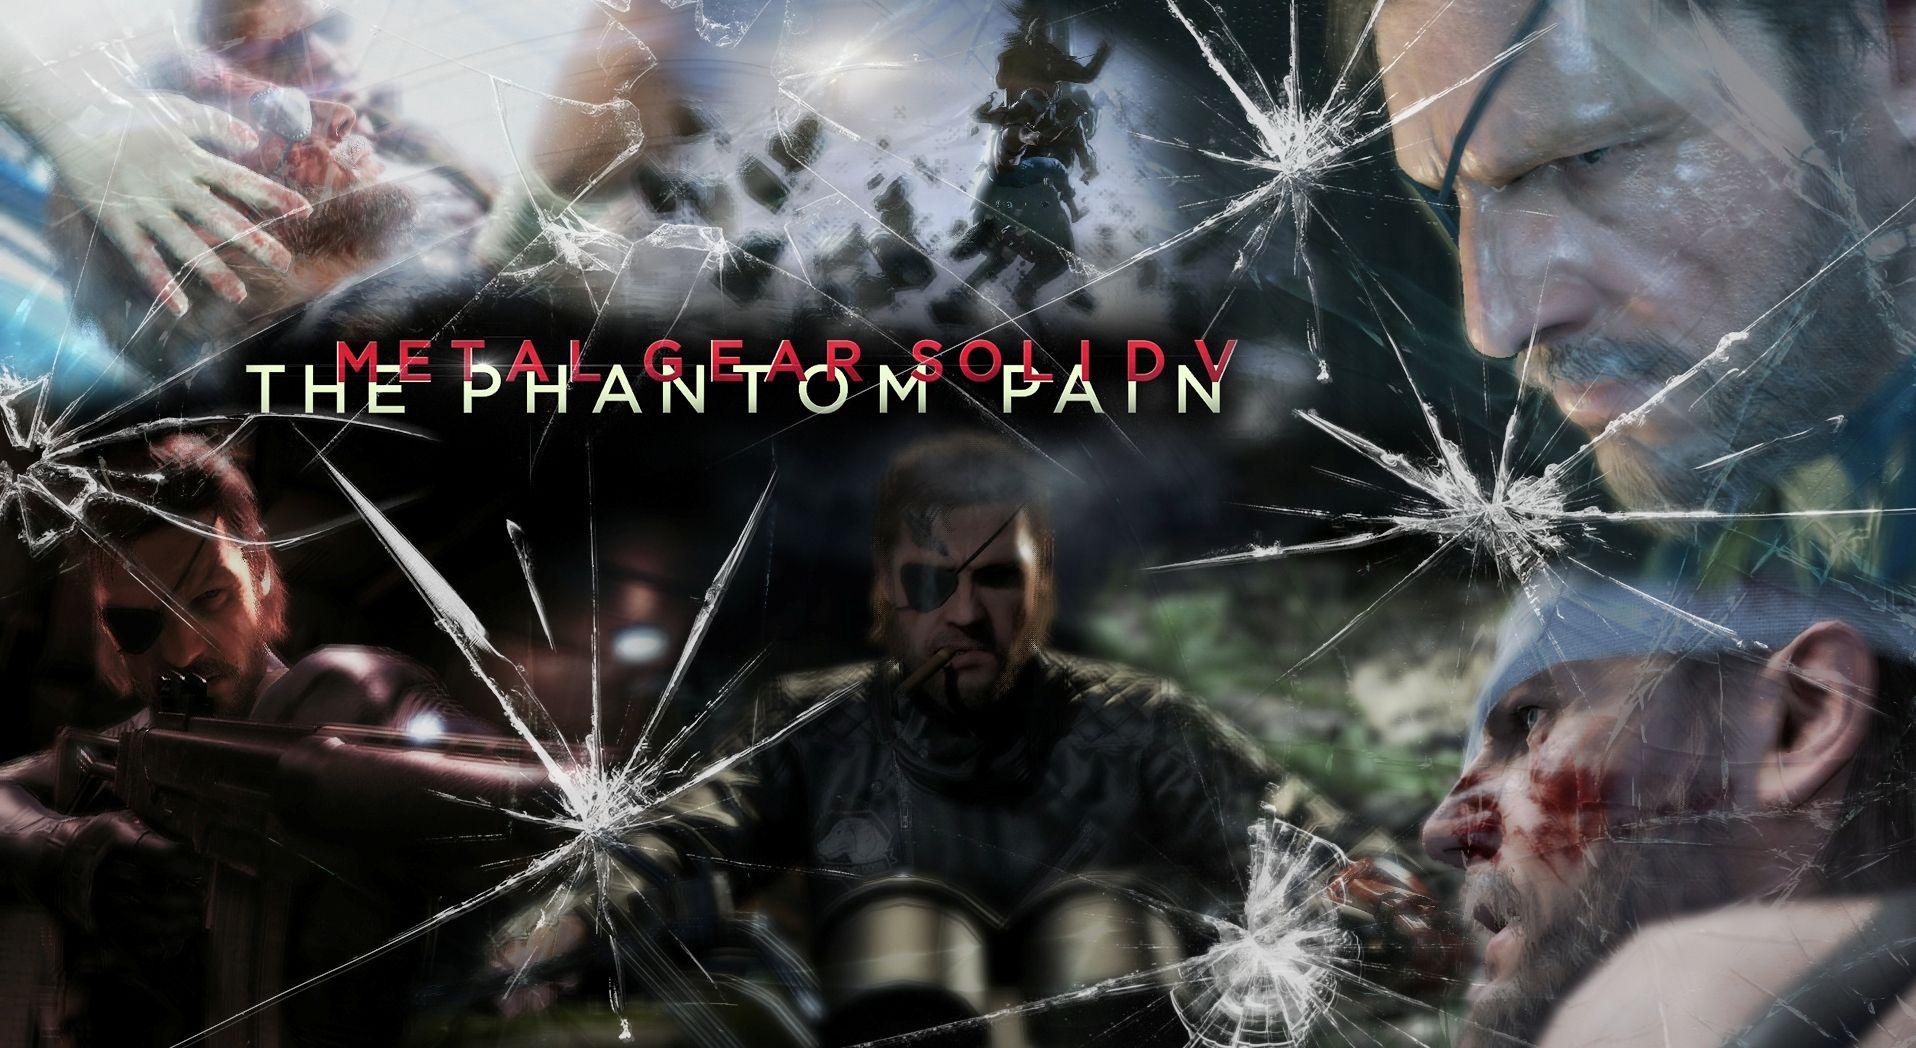 #MGSV #ThePhantomPain #MetalGearSolidV #BigBoss #PunishedSnake #VenomSnake Para más información sobre #Videojuegos, Suscríbete a nuestra página web: http://legiondejugadores.com/ y síguenos en Twitter https://twitter.com/LegionJugadores